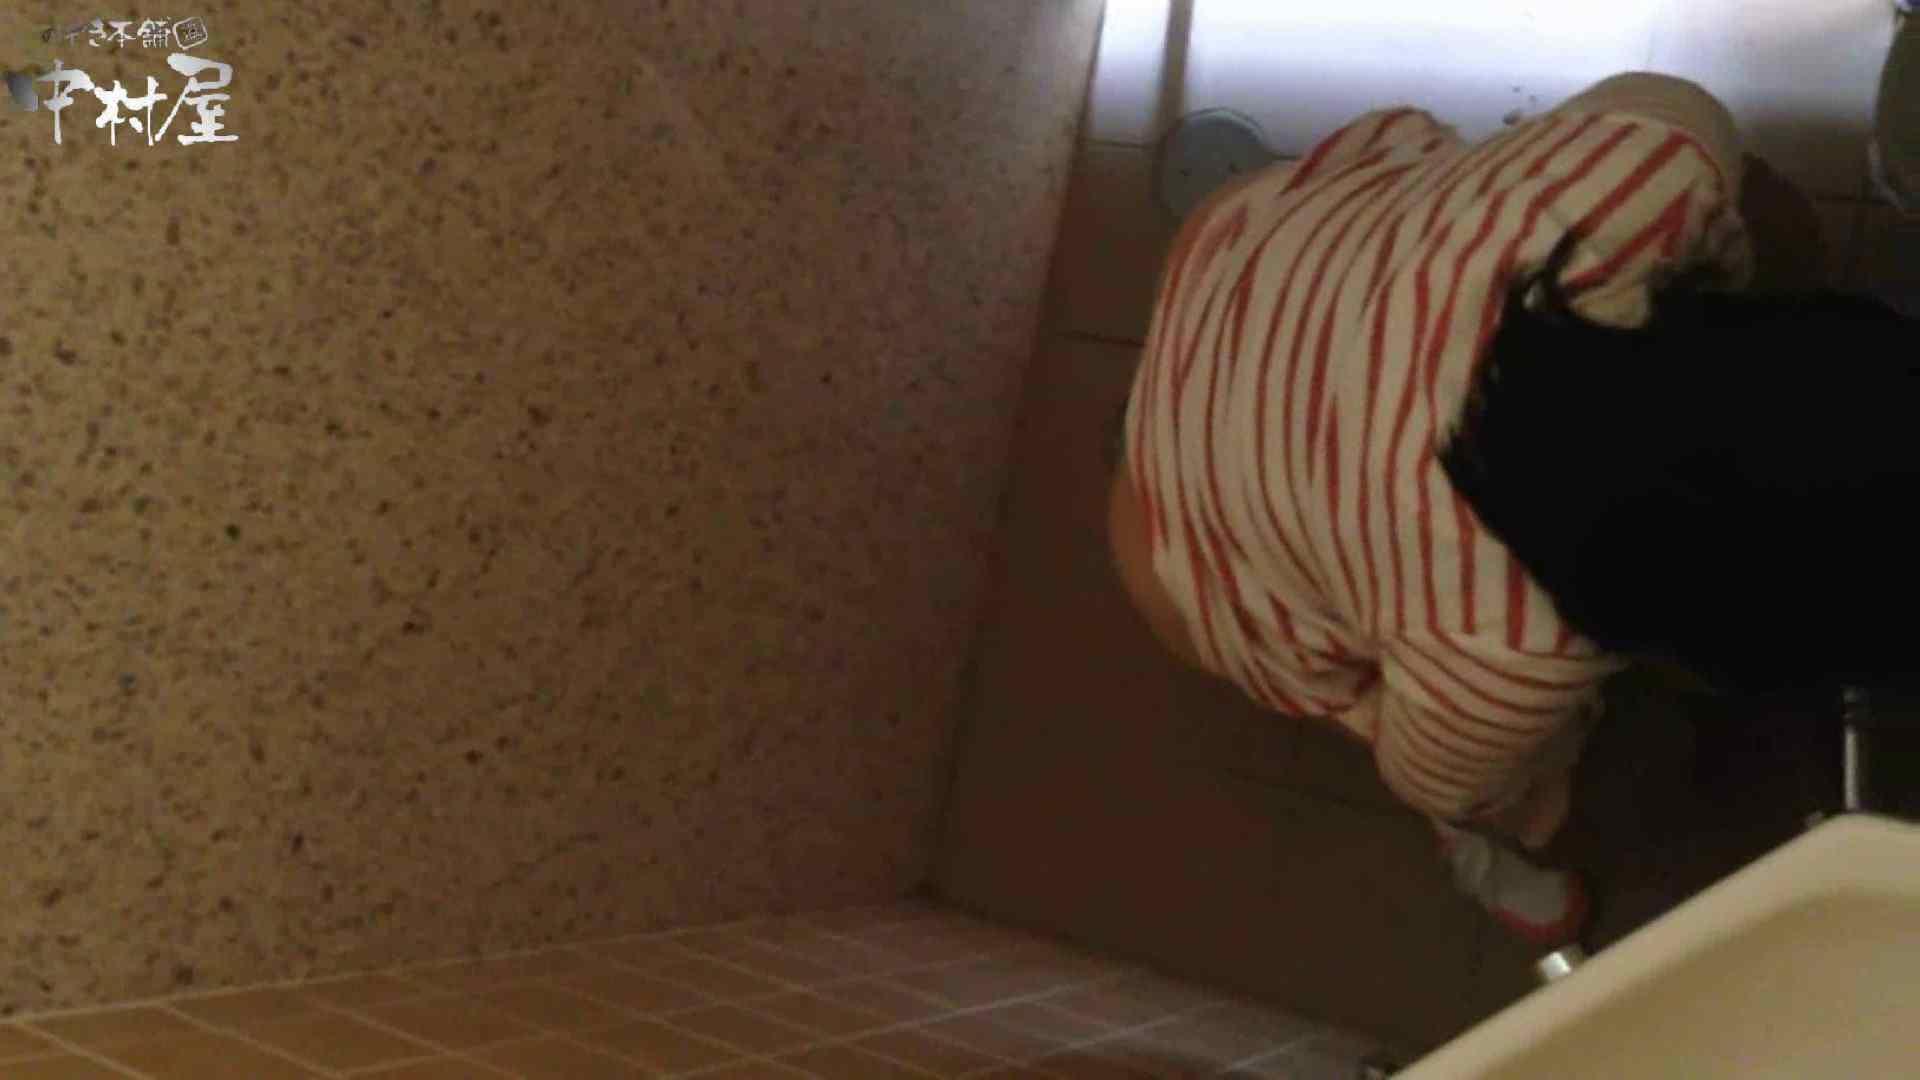 部活女子トイレ潜入編vol.5 女子トイレ編  109PIX 12